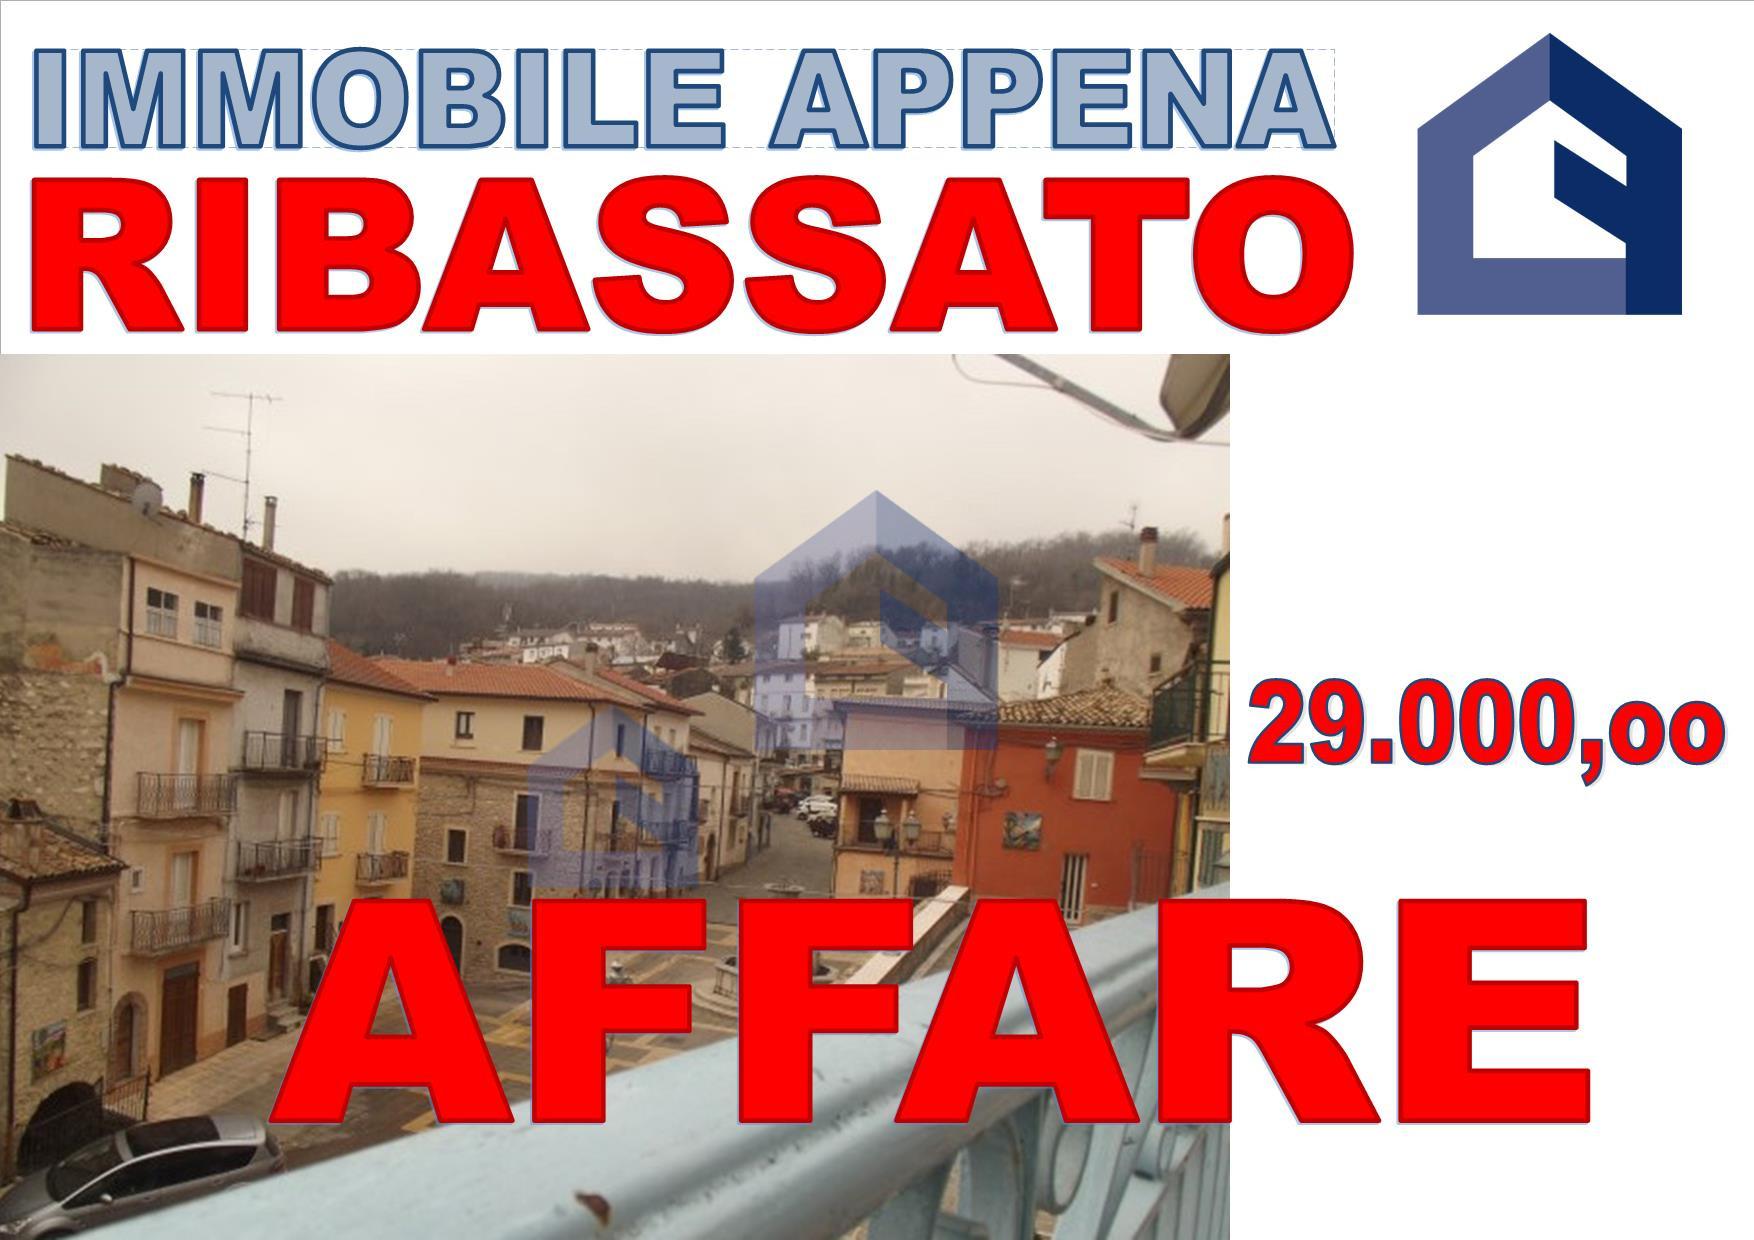 (Italiano) Tornareccio: immobile in pieno centro